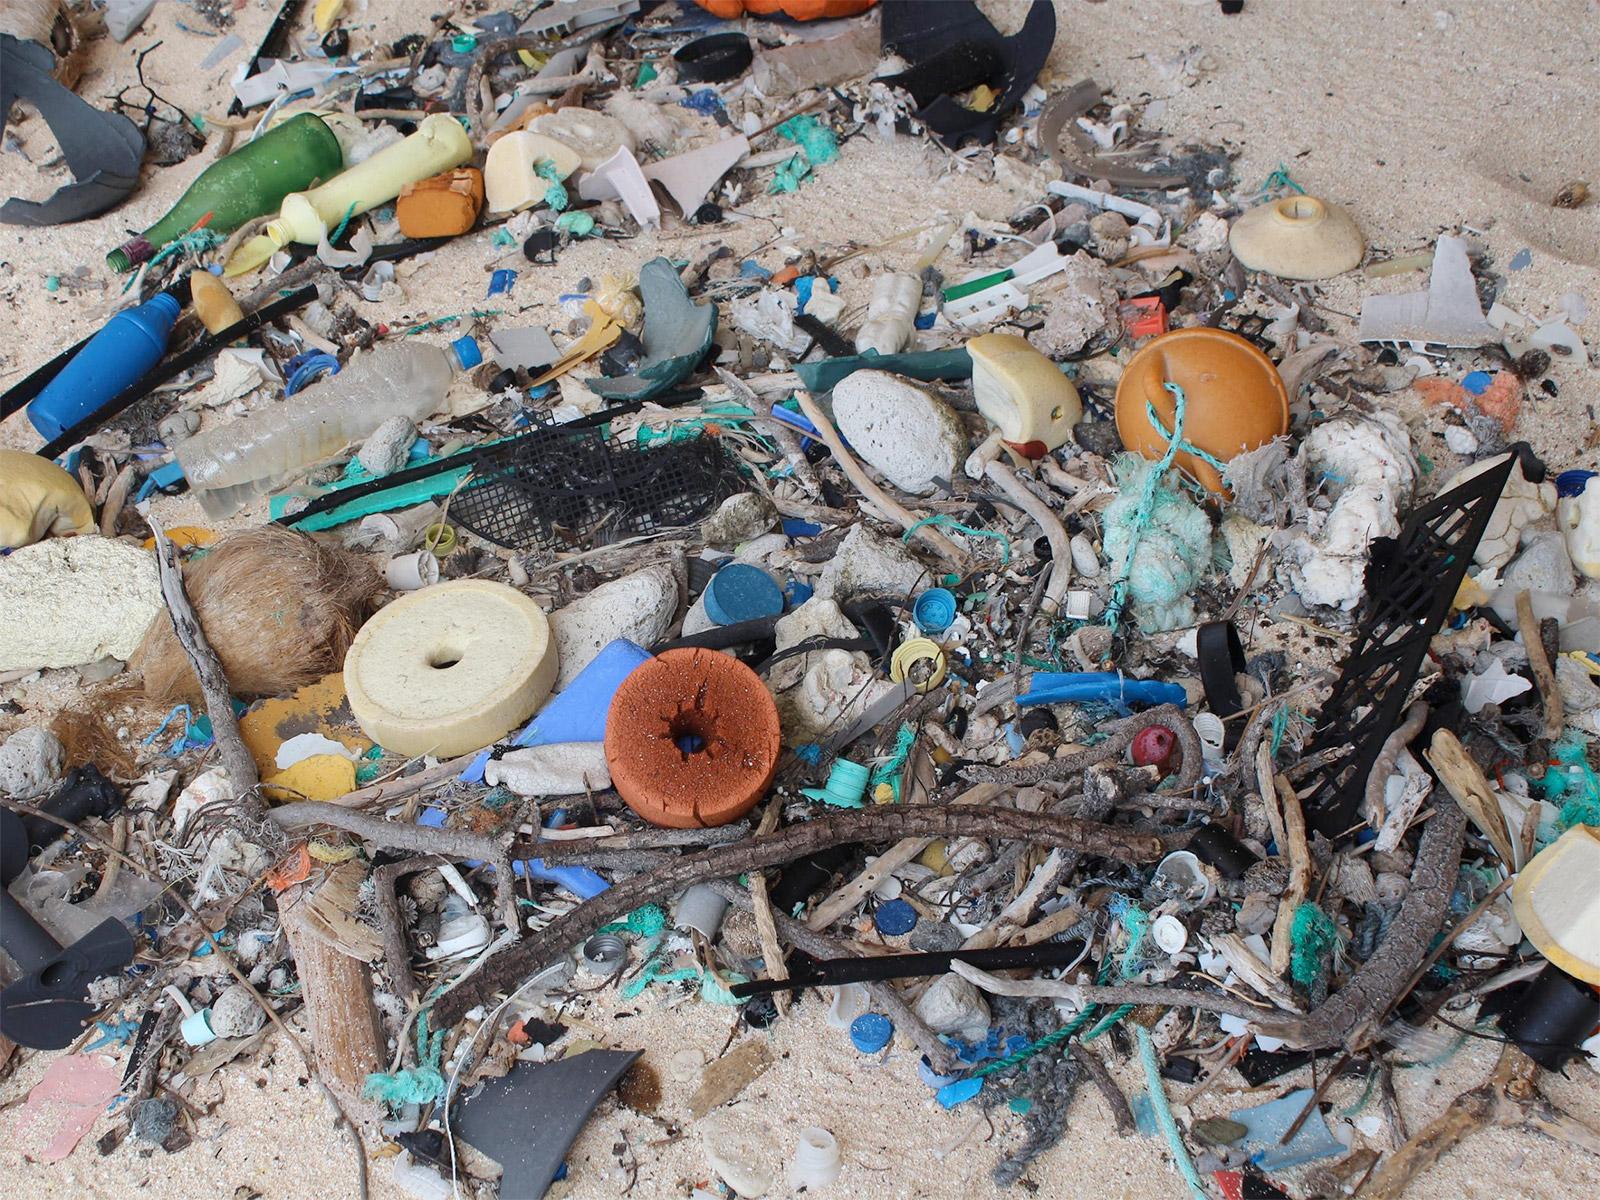 جزيرة نائية في المحيط الهادئ تضم أكبر كمية من النفايات ...